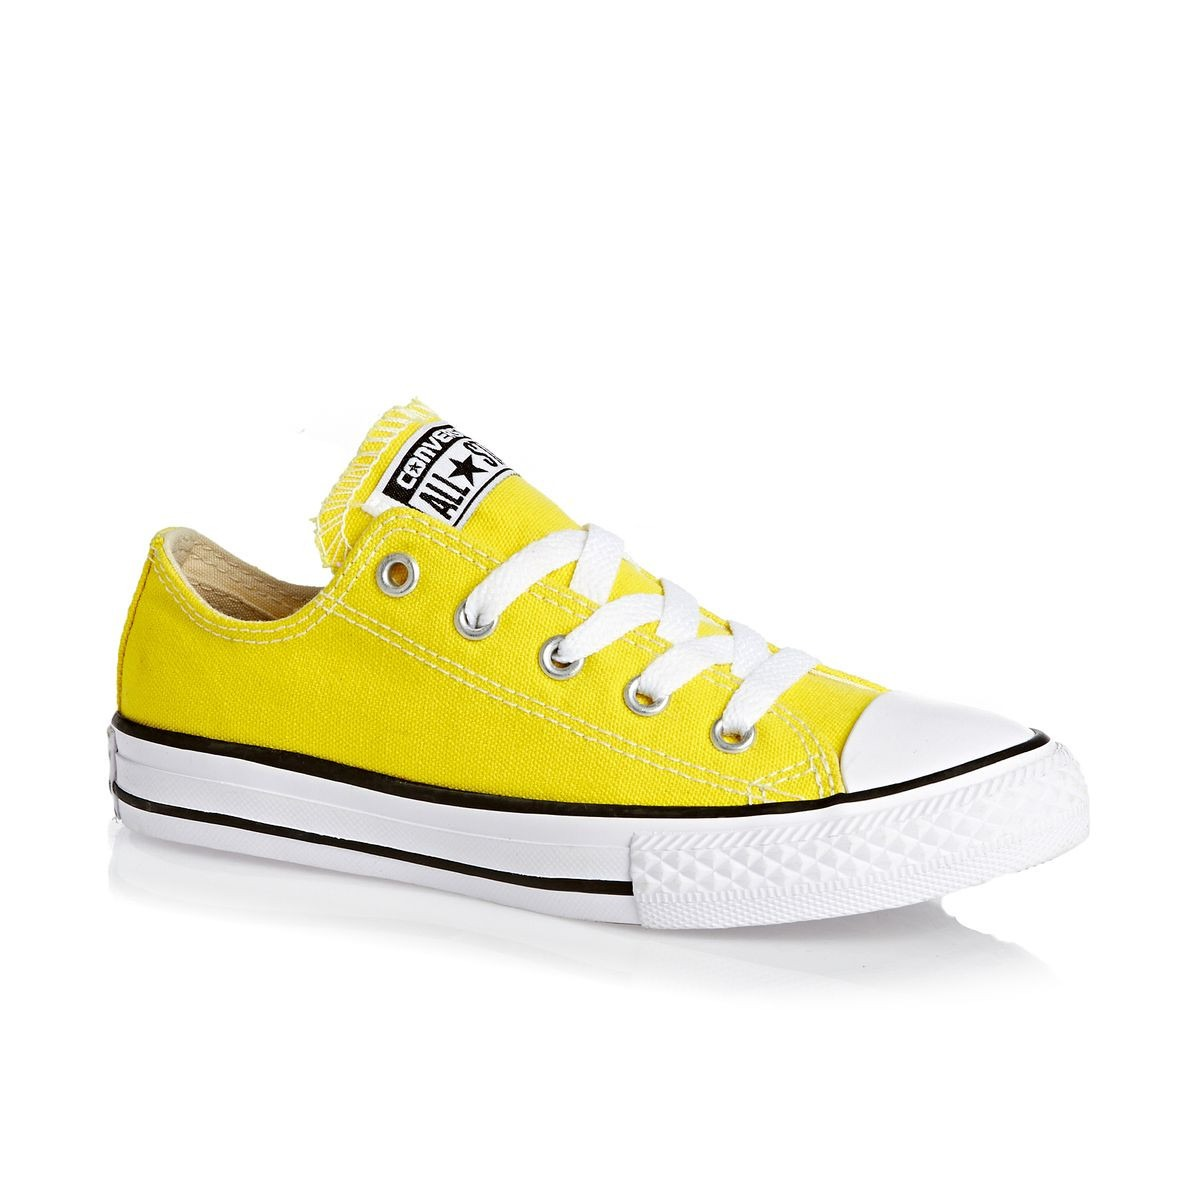 748e16d6aa8 Zapatos Zapatillas Tenis Converse All Star Unisex -   71.669 en ...